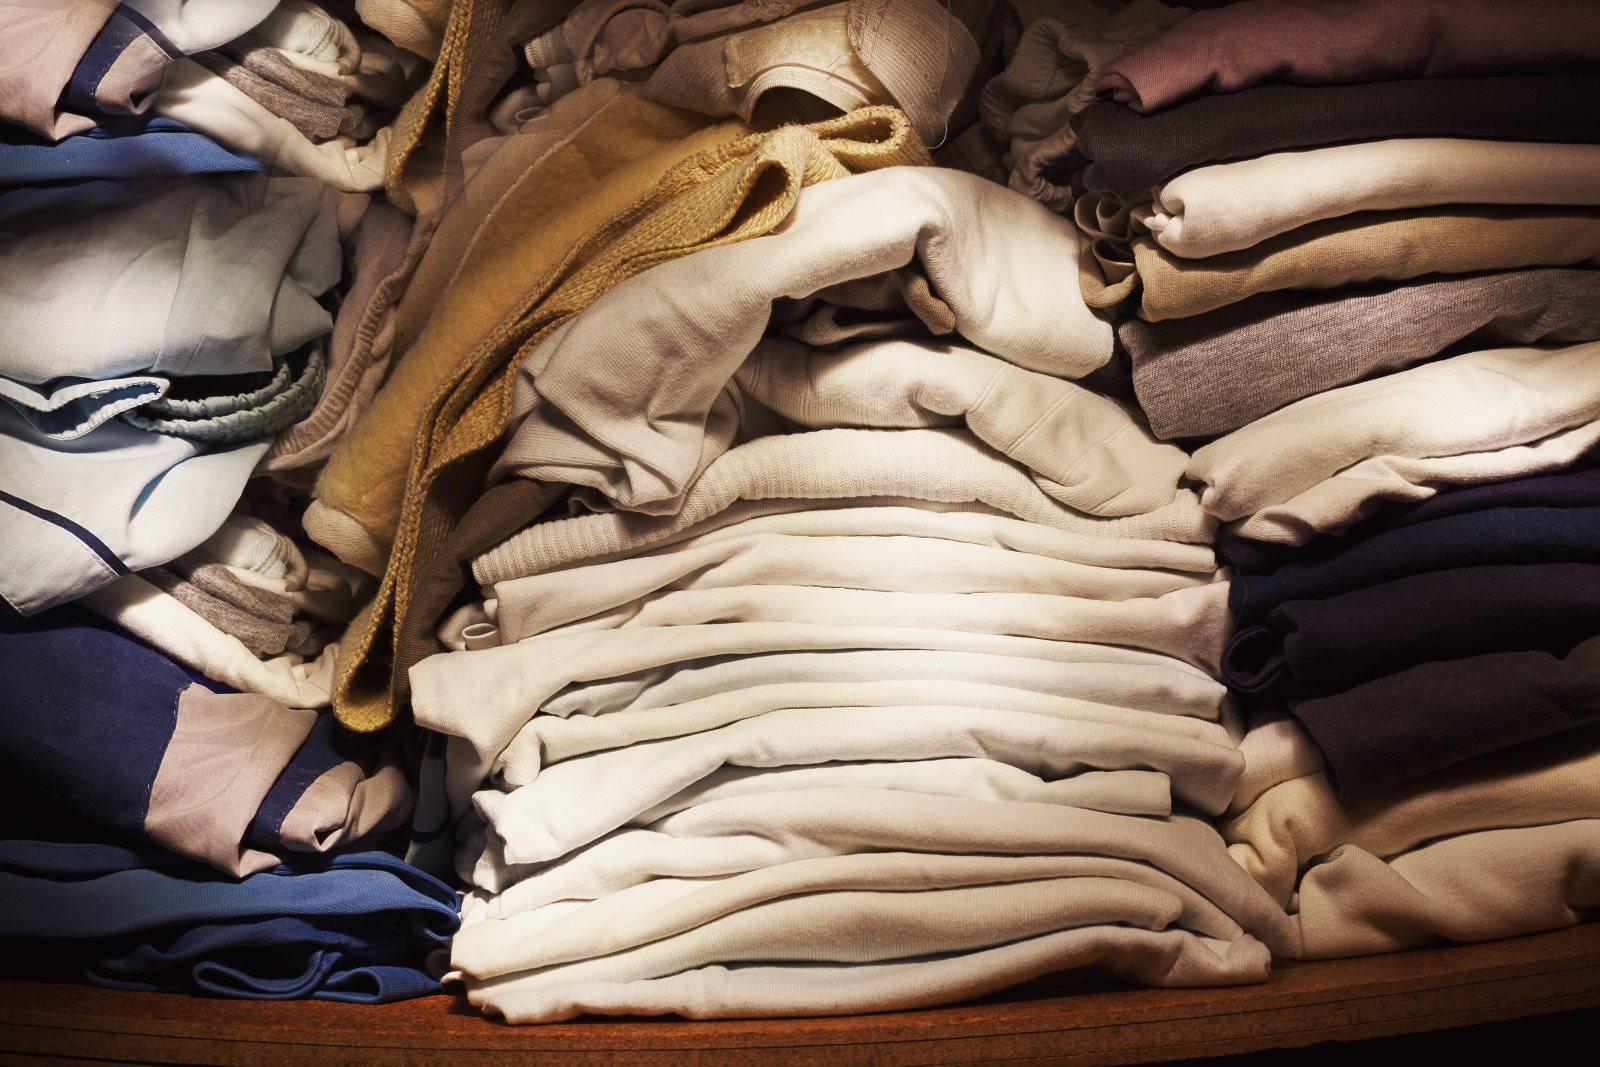 Wietrzenie szafy: 4 typy ubrań, których już dawno powinieneś się pozbyć